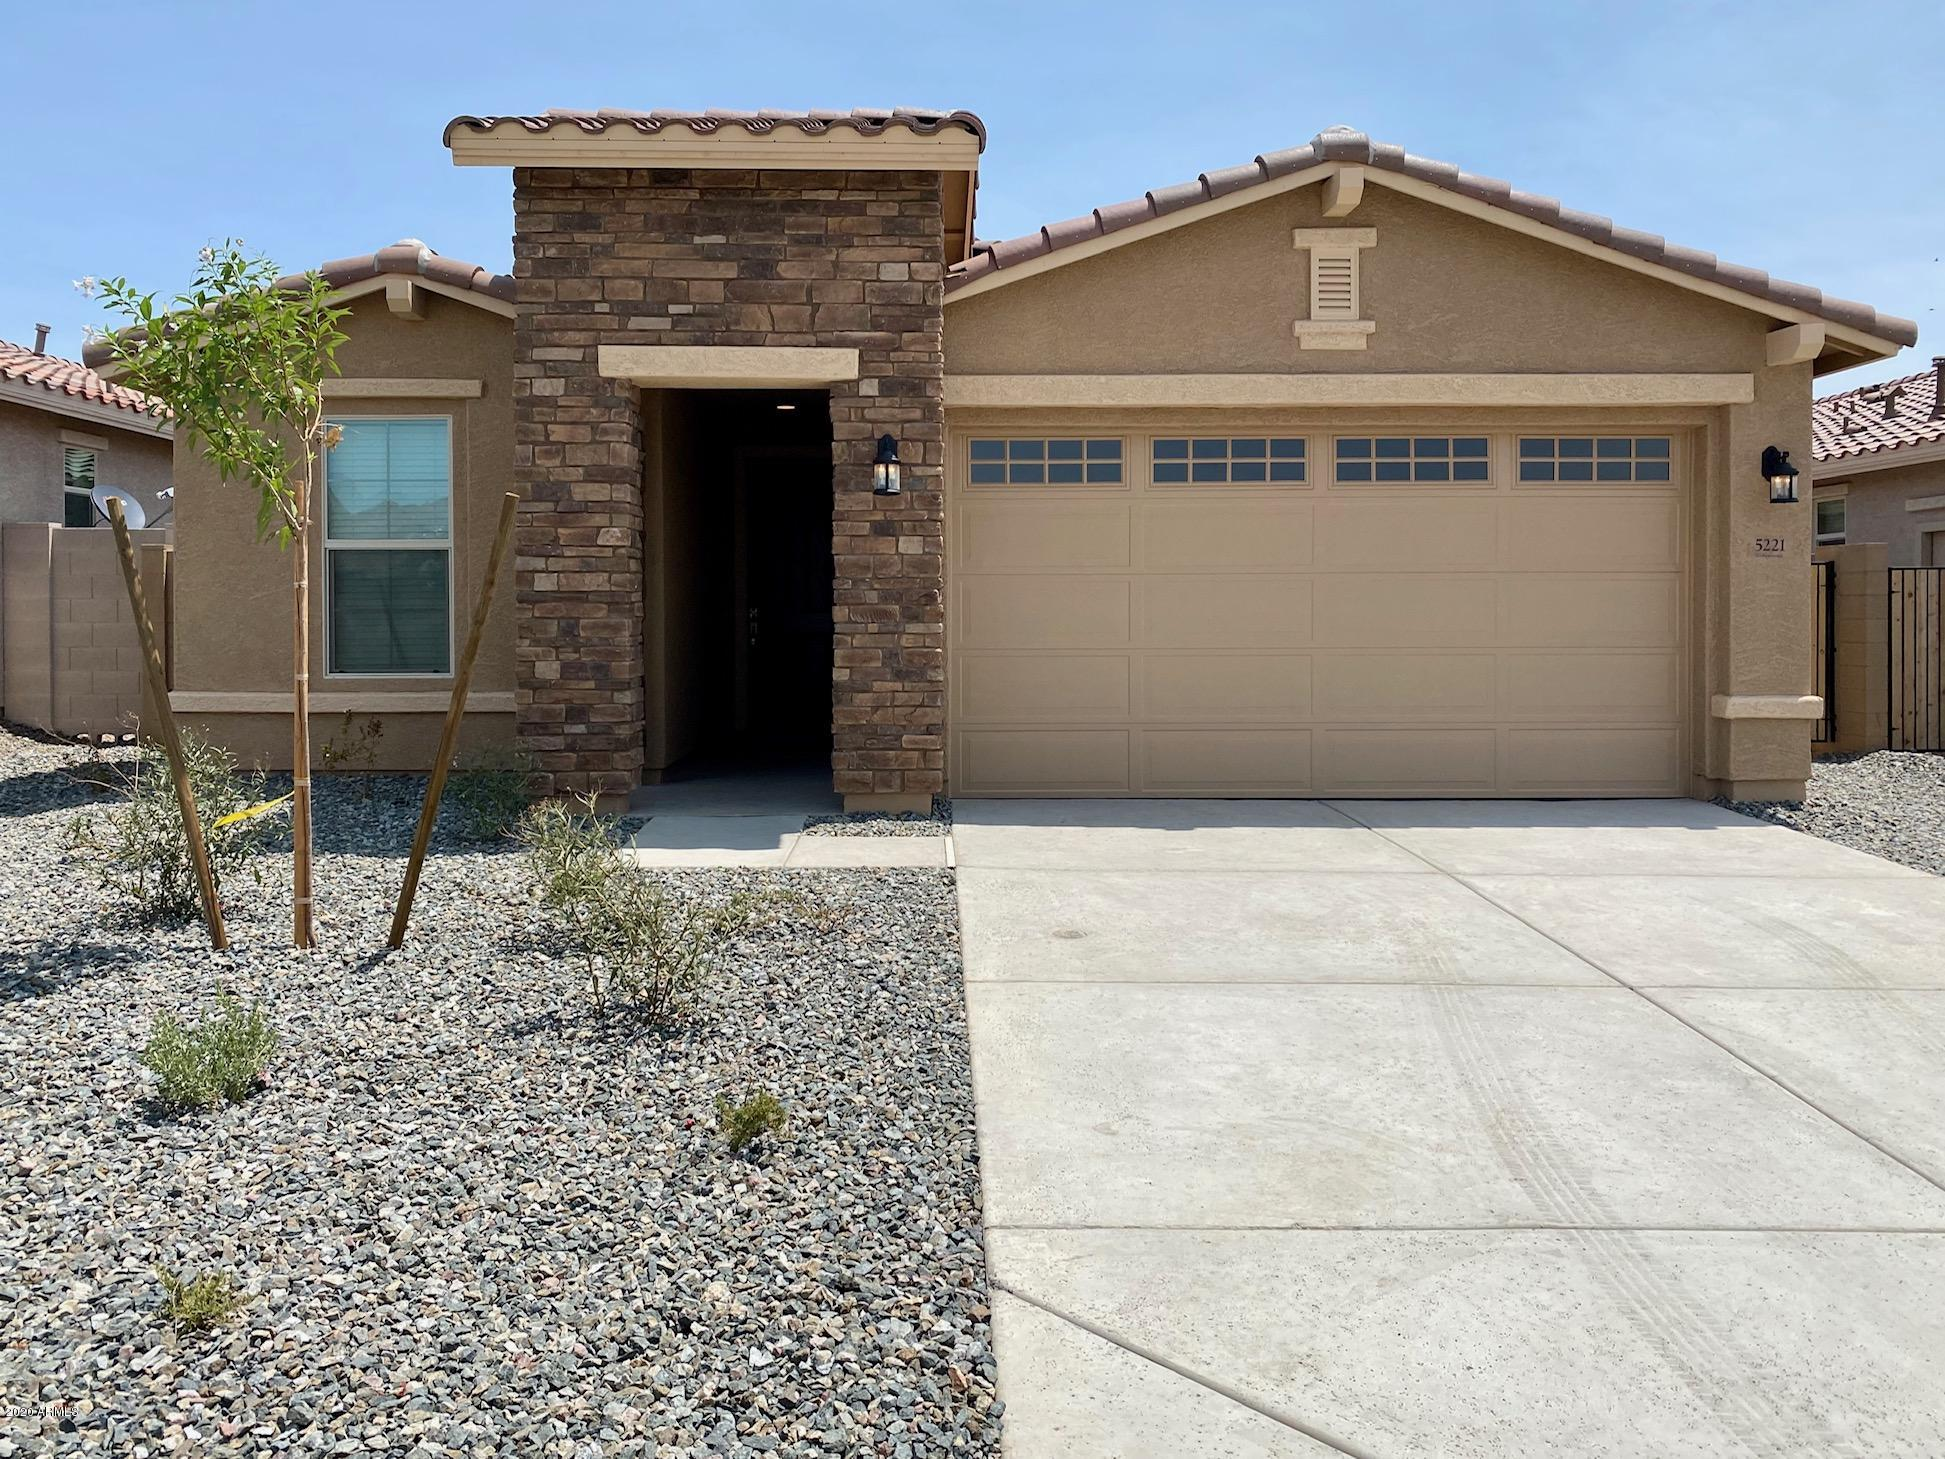 Photo of 5221 N 187TH Lane, Litchfield Park, AZ 85340